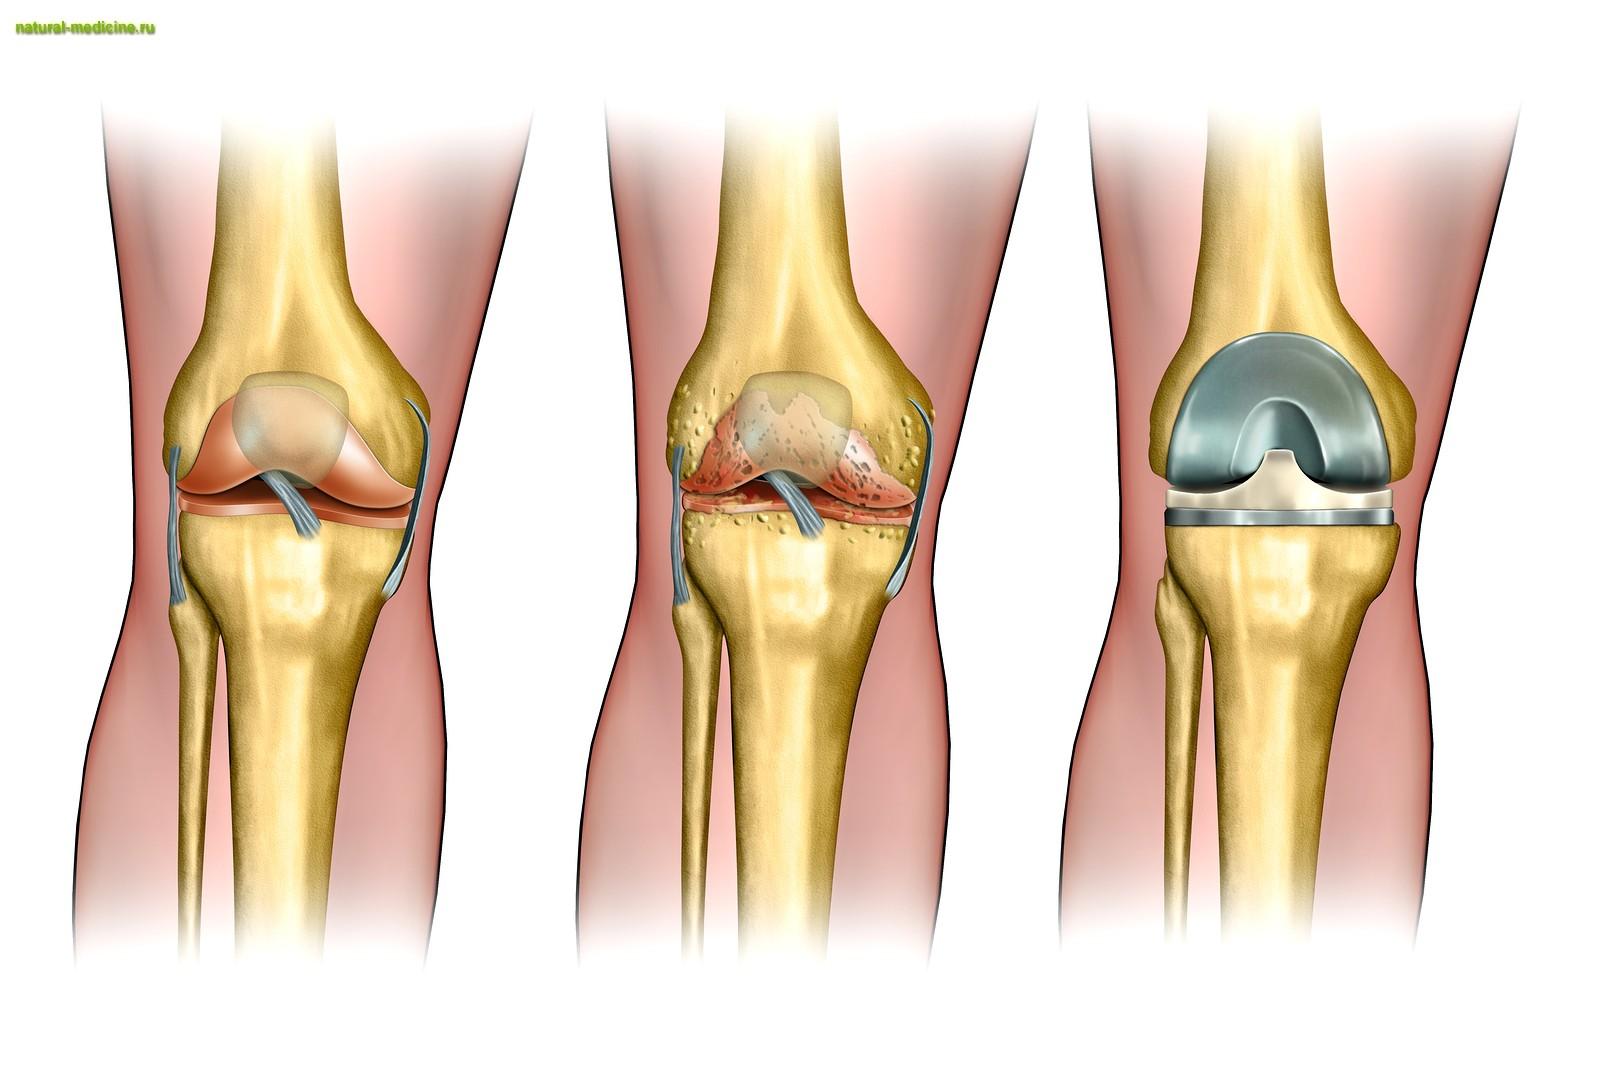 Эндопротезирование коленного сустава: показания и противопоказания, квоты, виды эндопротезирования, ЛФК - опорно-двигательный аппарат - лечение позвоночника и суставов